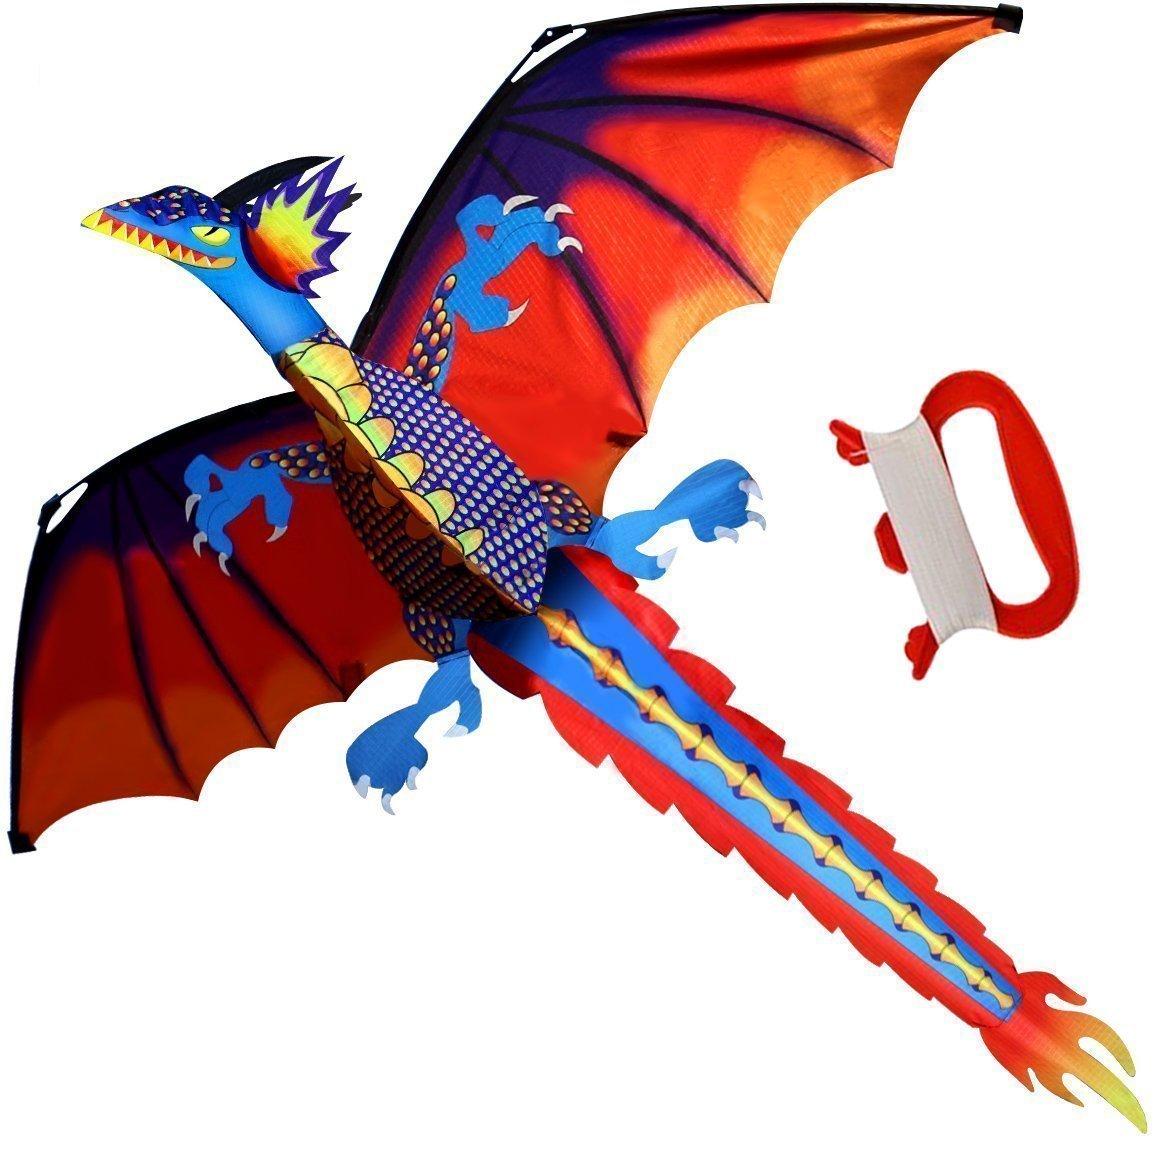 aizesi 3d dinosaurio cometa para niños rojo Mollusc con largo colorido cola grande 55x 47pulgadas solo línea con cola al aire libre de la diversión juegos y actividades para niños adultos, Unisex, 3D Dinosaur-1PCS Liqy